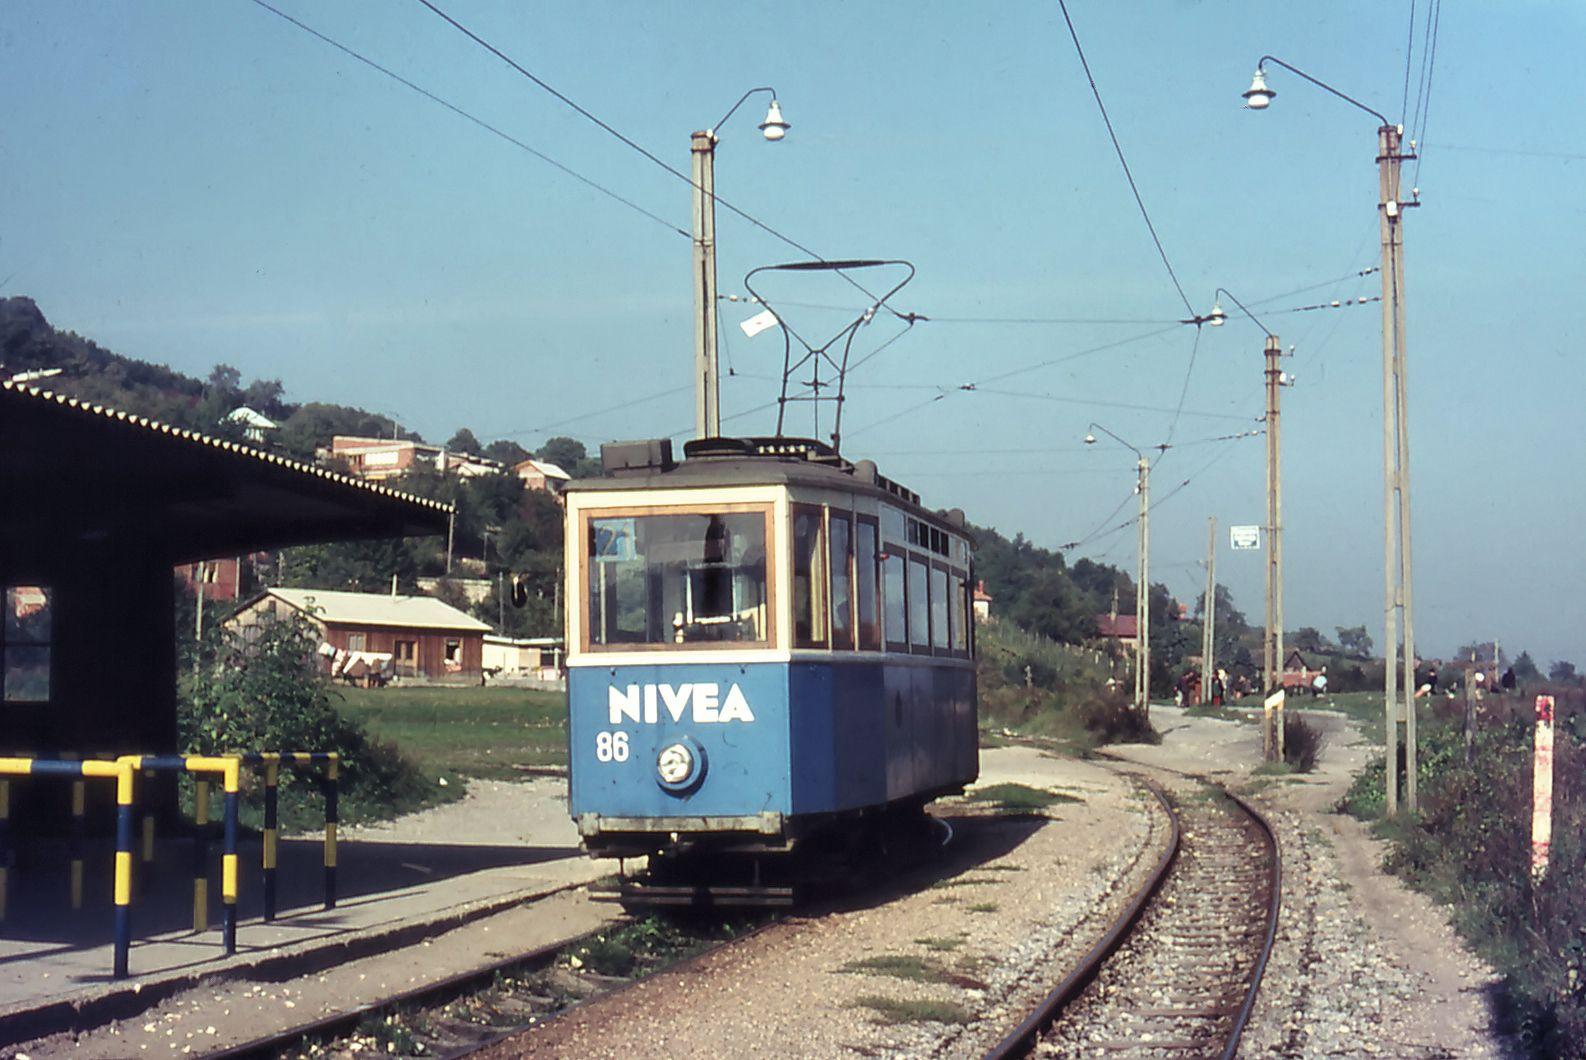 Treska Broj 21 Na Okretistu Dolje 1968 Godine Zagrebfacts Zagreb Zg Agram Dolje Gracani Sljeme Podsljeme Medvednica Zagreb Zagreb Croatia Croatia